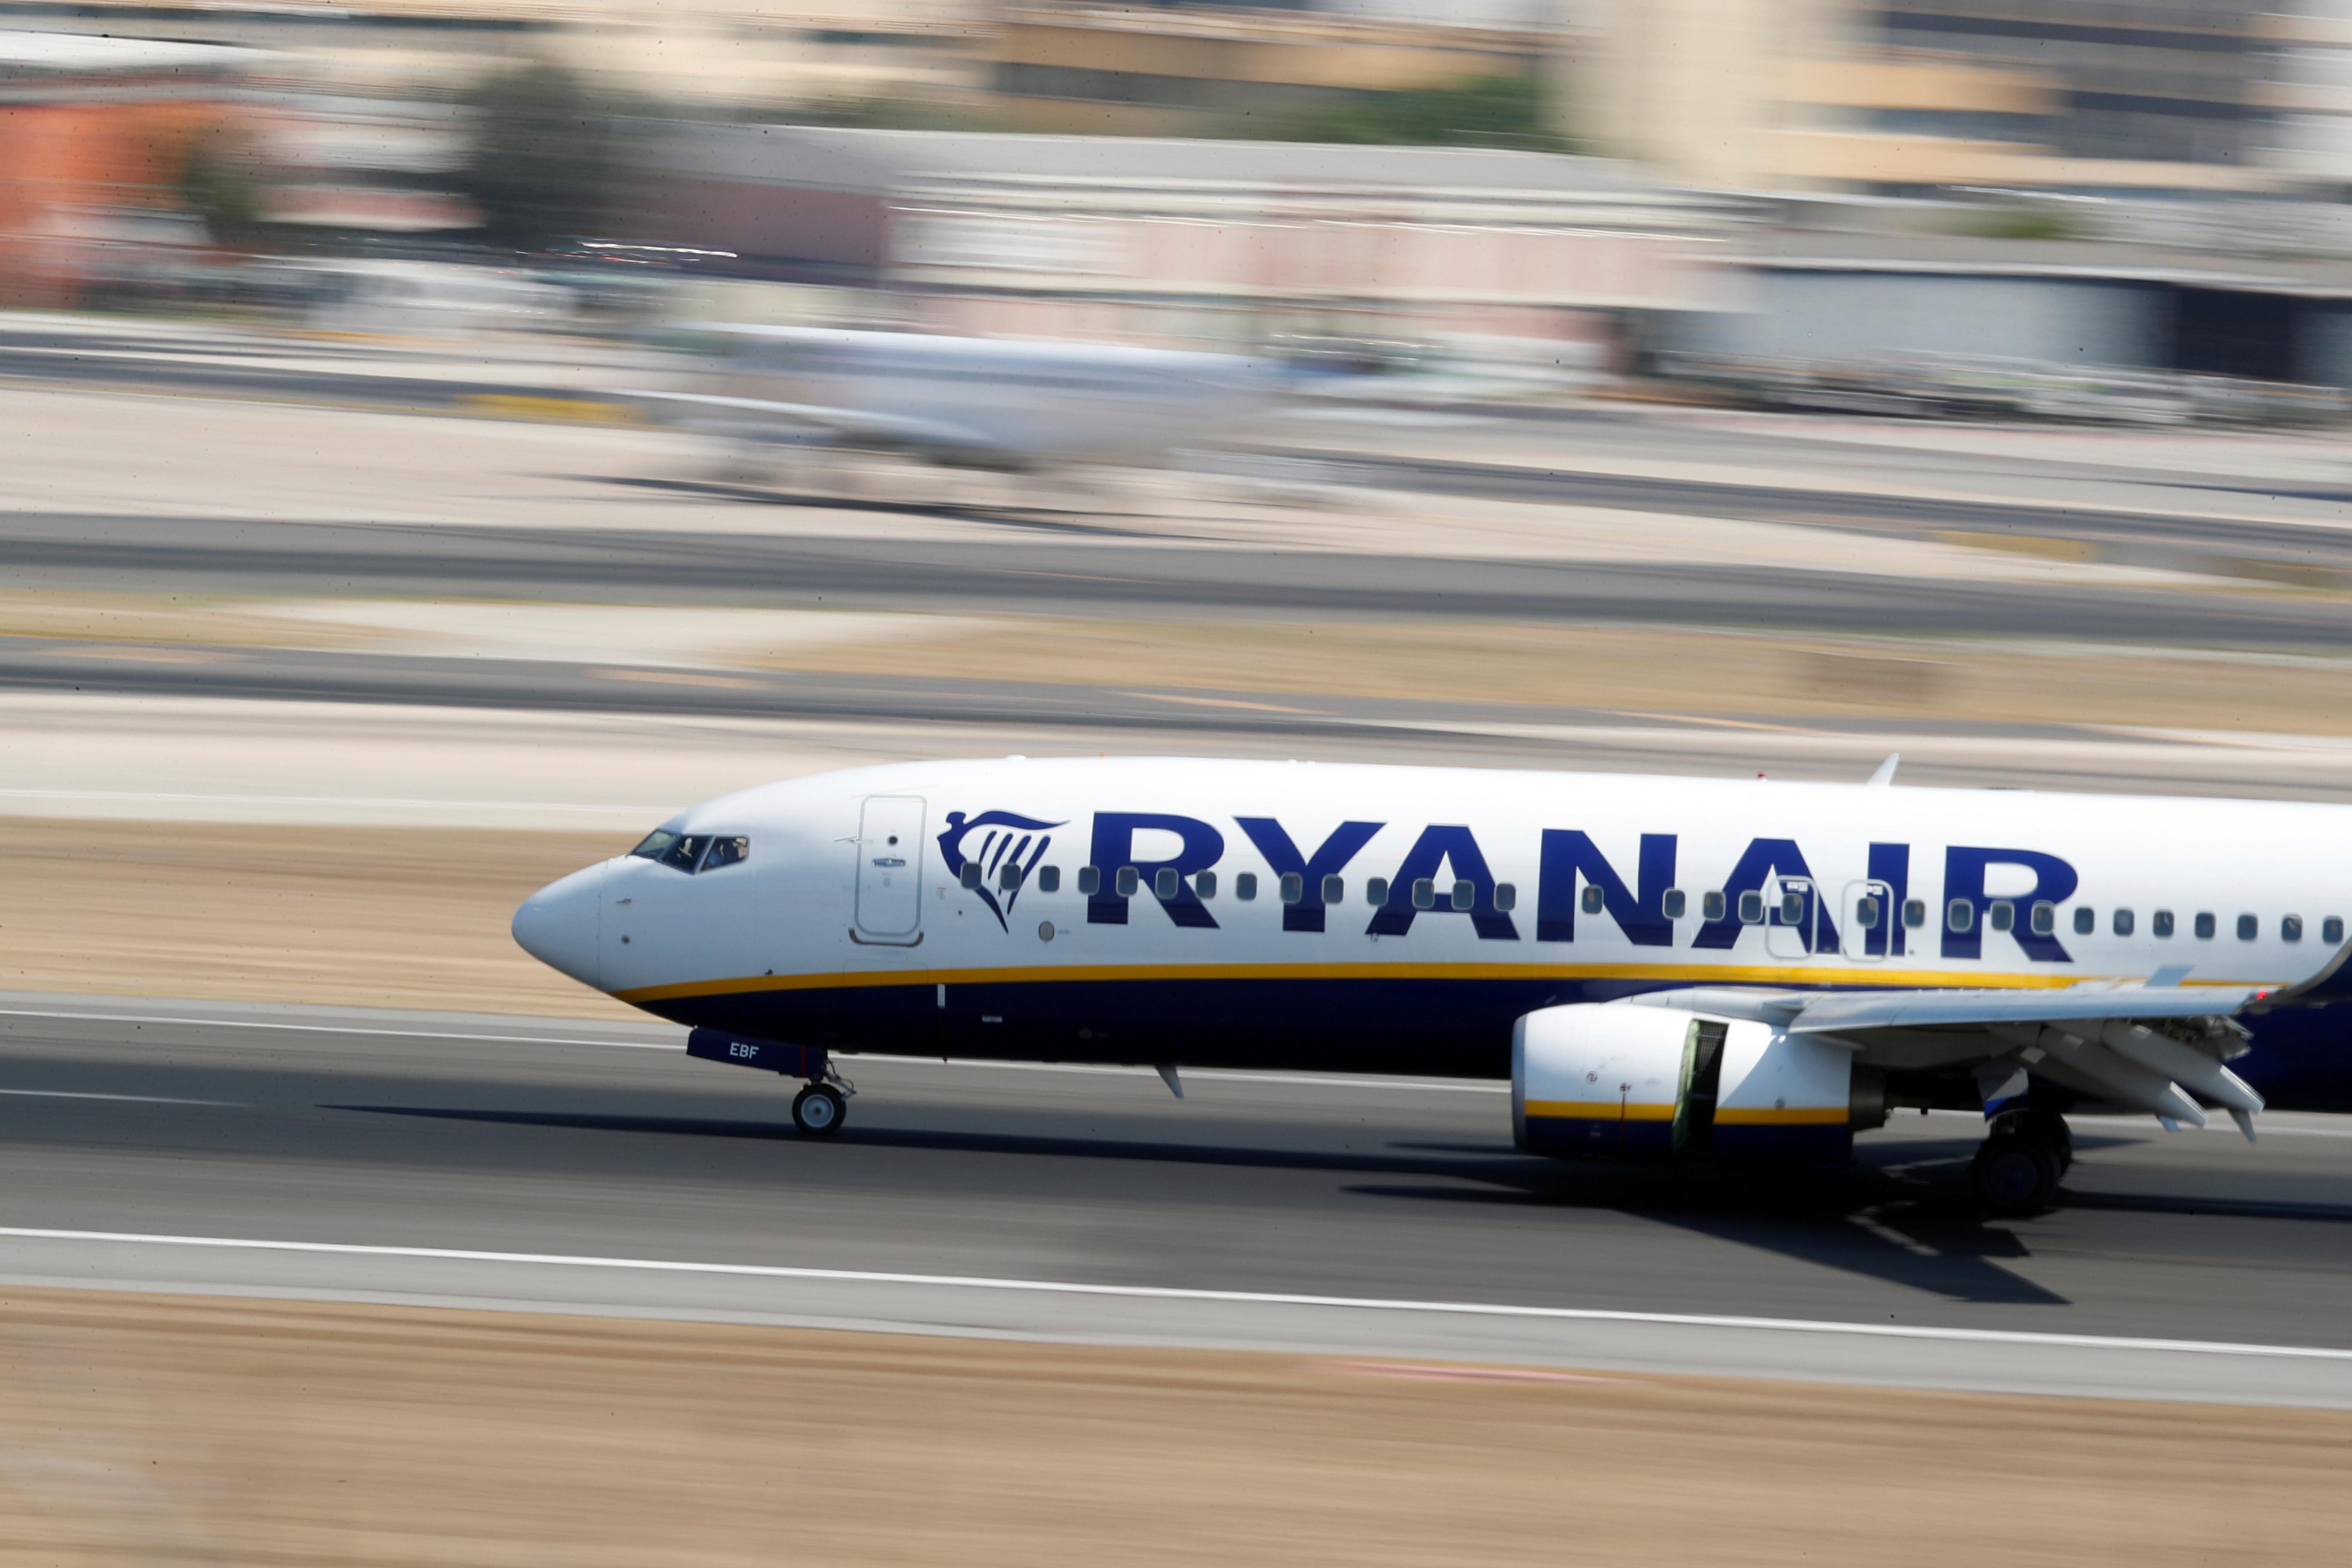 ryanair-en-benefice-superieur-aux-attentes-mais-exposee-aux-aleas-du-boeing-737-max